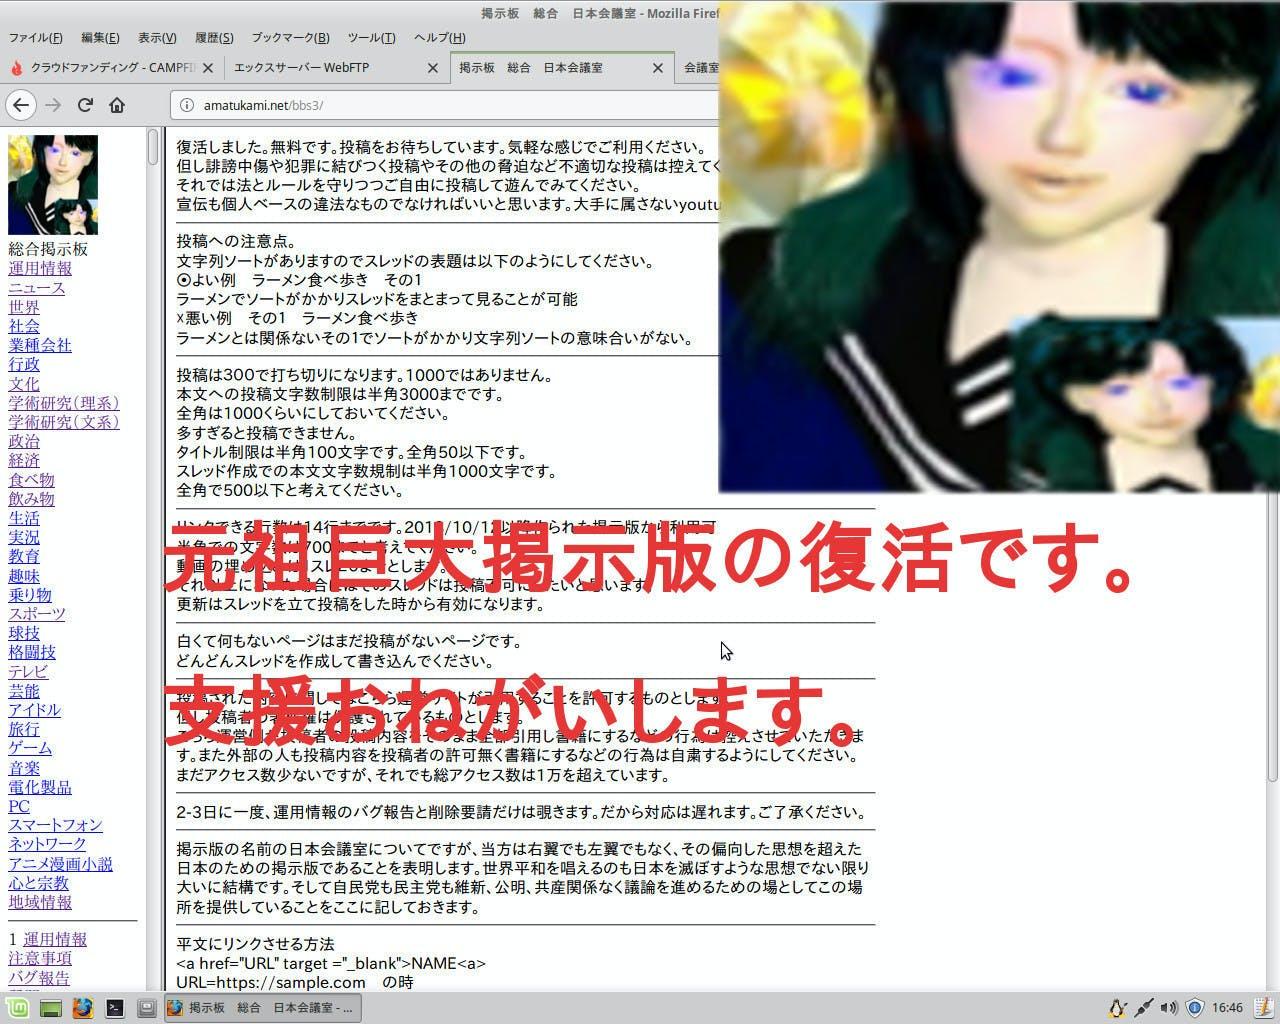 188ddd5e0f267fd421f948da6aecb0d9.jpeg?ixlib=rails 2.1